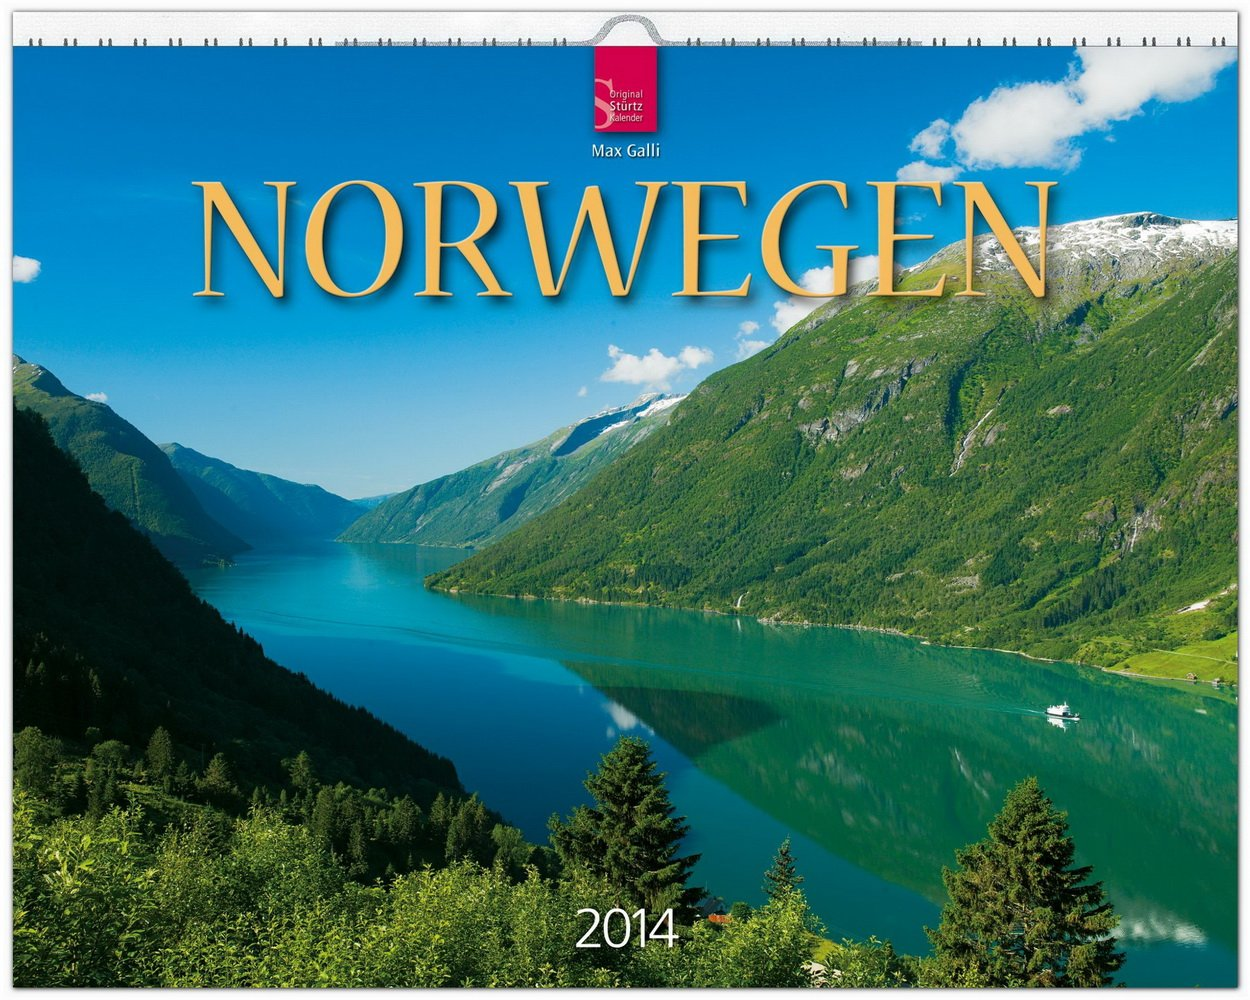 Norwegen 2014: Original Stürtz-Kalender - Großformat-Kalender 60 x 48 cm [Spiralbindung]